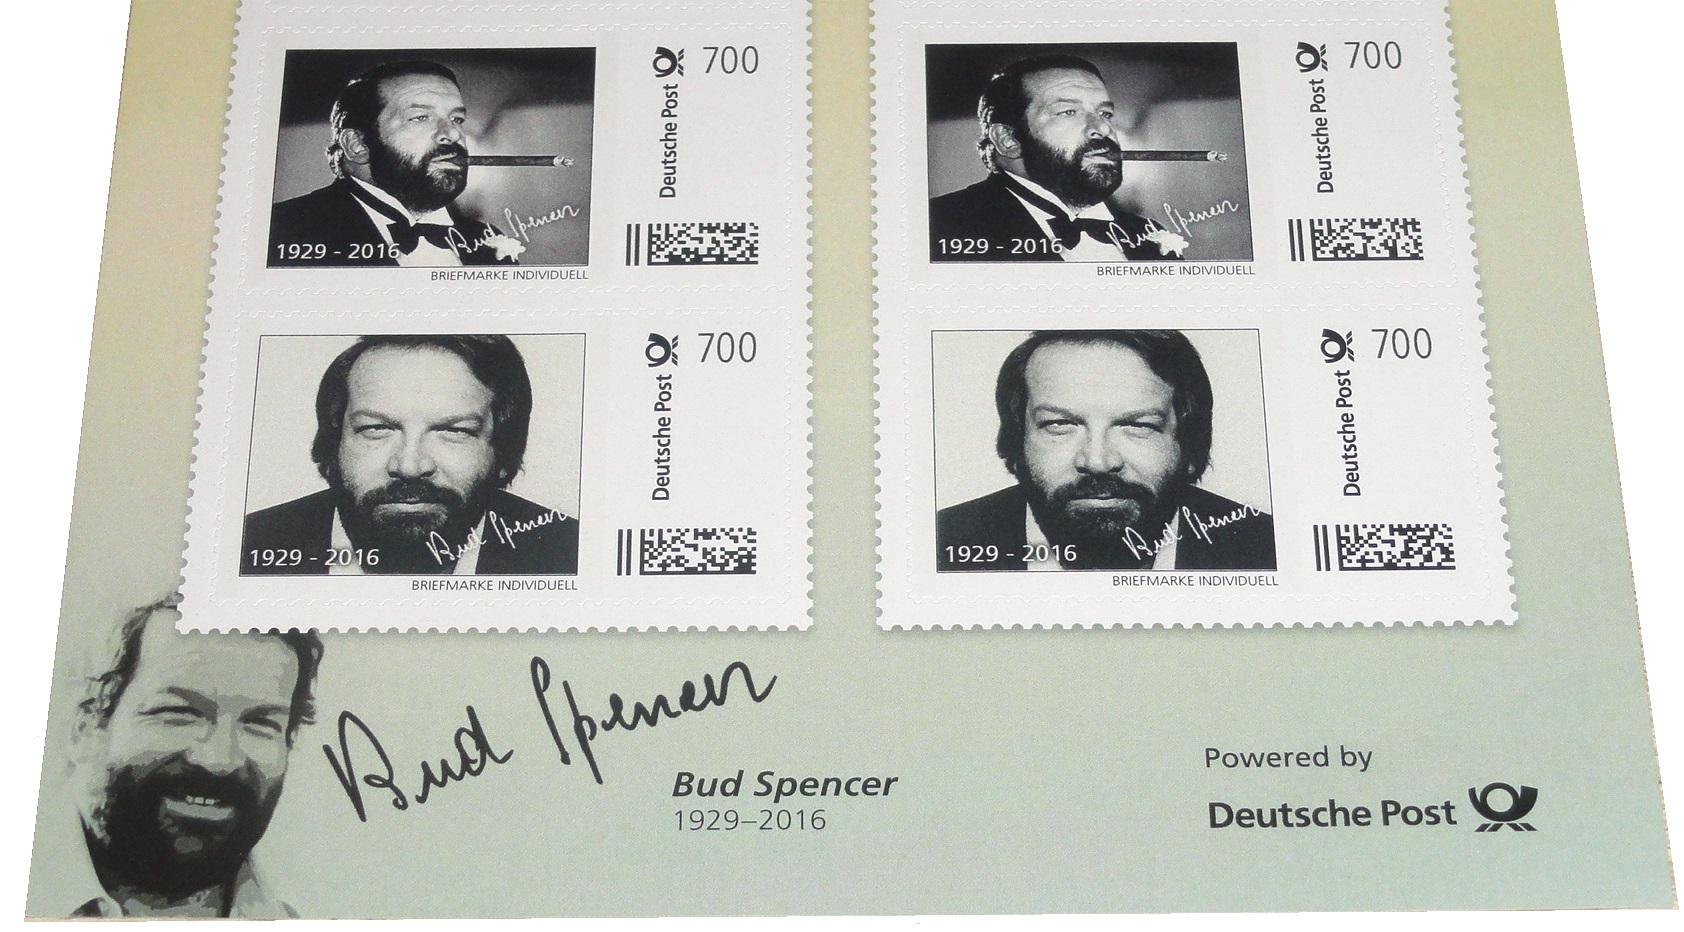 Bud Spencer Briefmarken 10 X 7 Euro Briefmarkenbogen Limited Edition